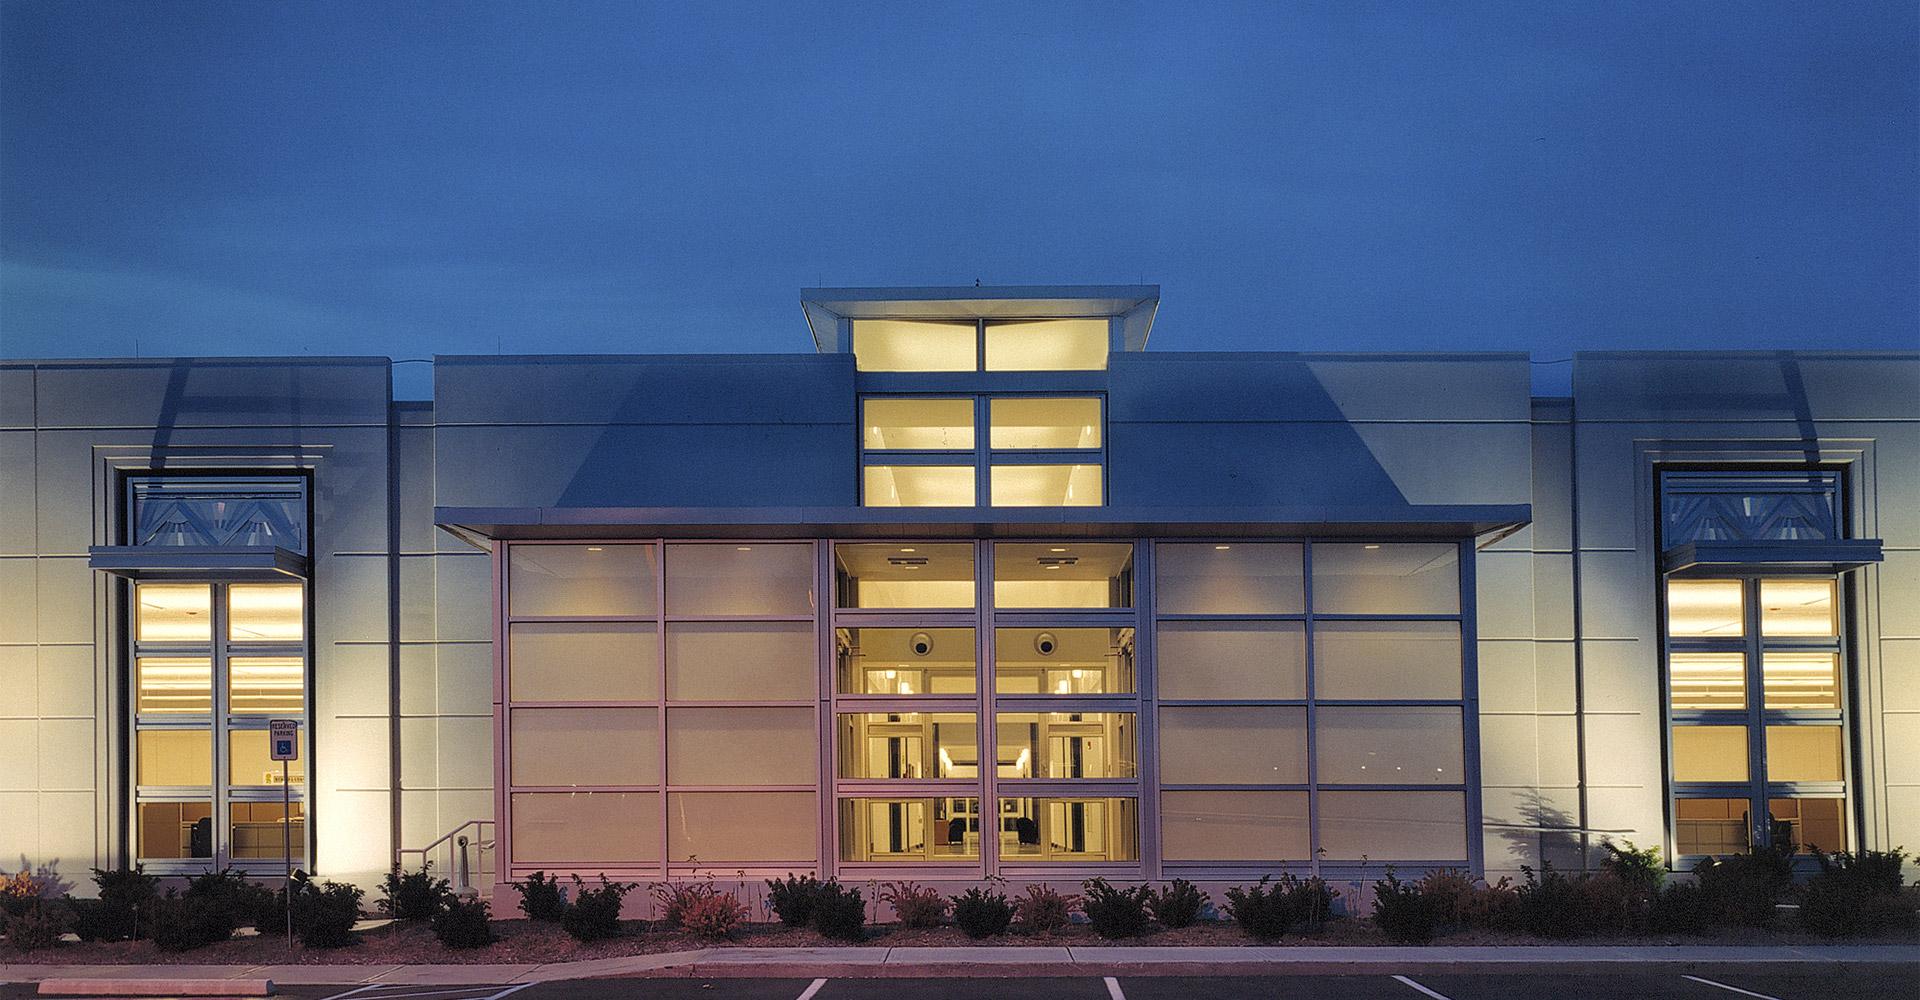 Exterior side door of ADT building at night.